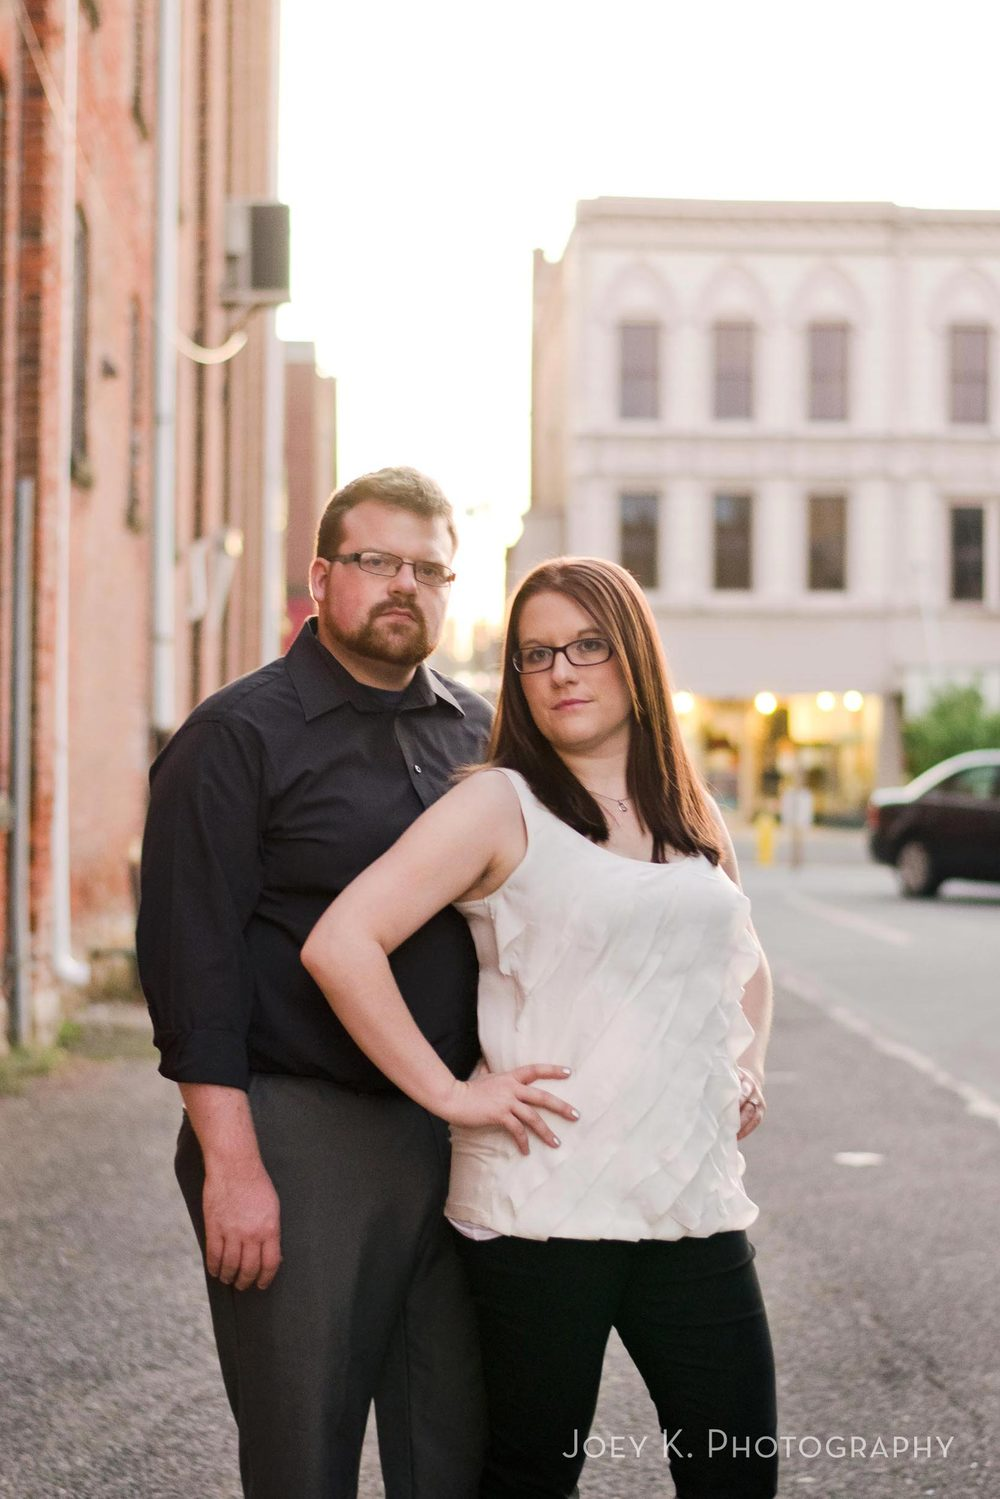 tiffin-cleveland-ohio-engagement-photographer-006.jpg